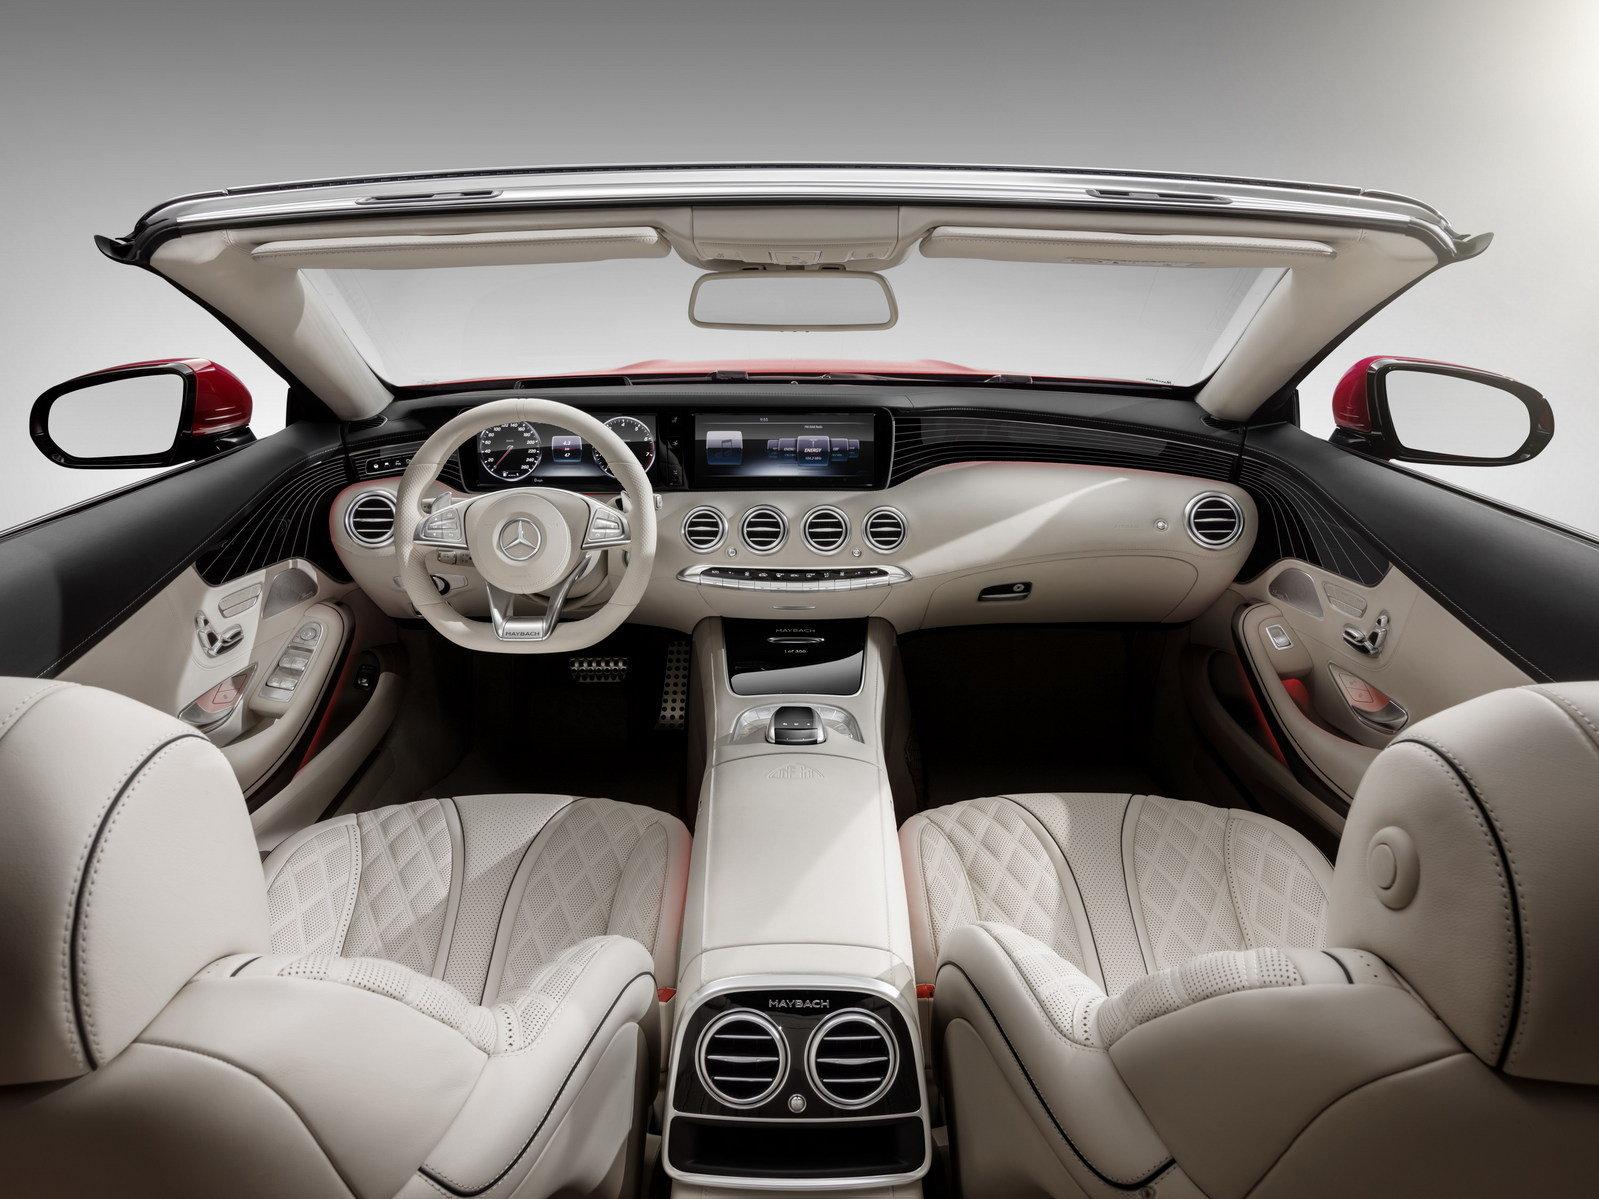 التصميم الداخل الفاخر و الانيق للسيارة مرسيدس مايباخ S650 2018 المكشوفة